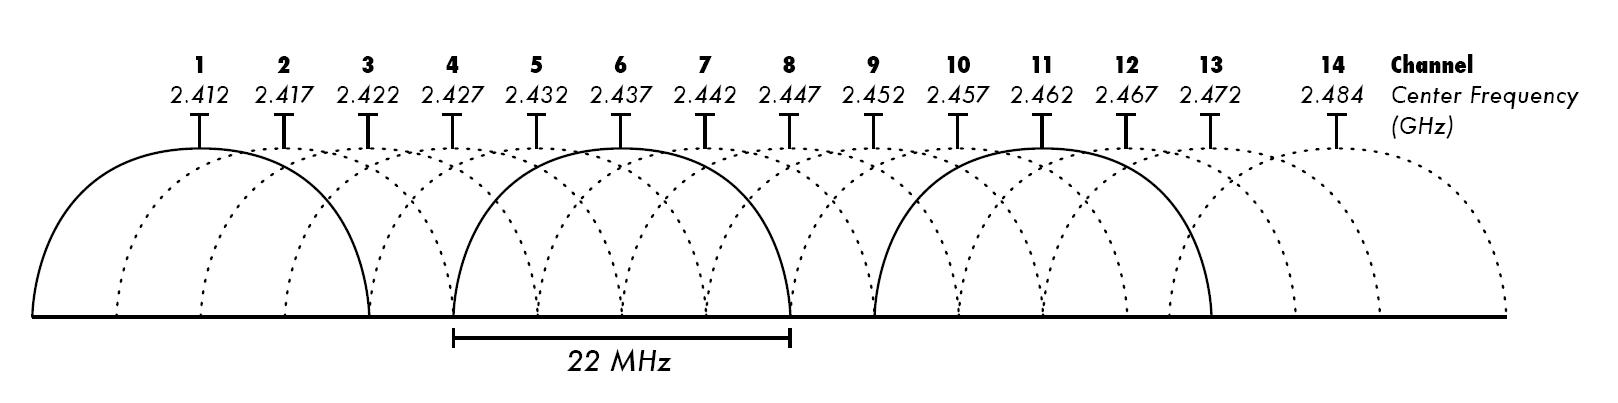 2.4_GHz_Wi-Fi_channels_%28802.11b%2Cg_WLAN%29.png